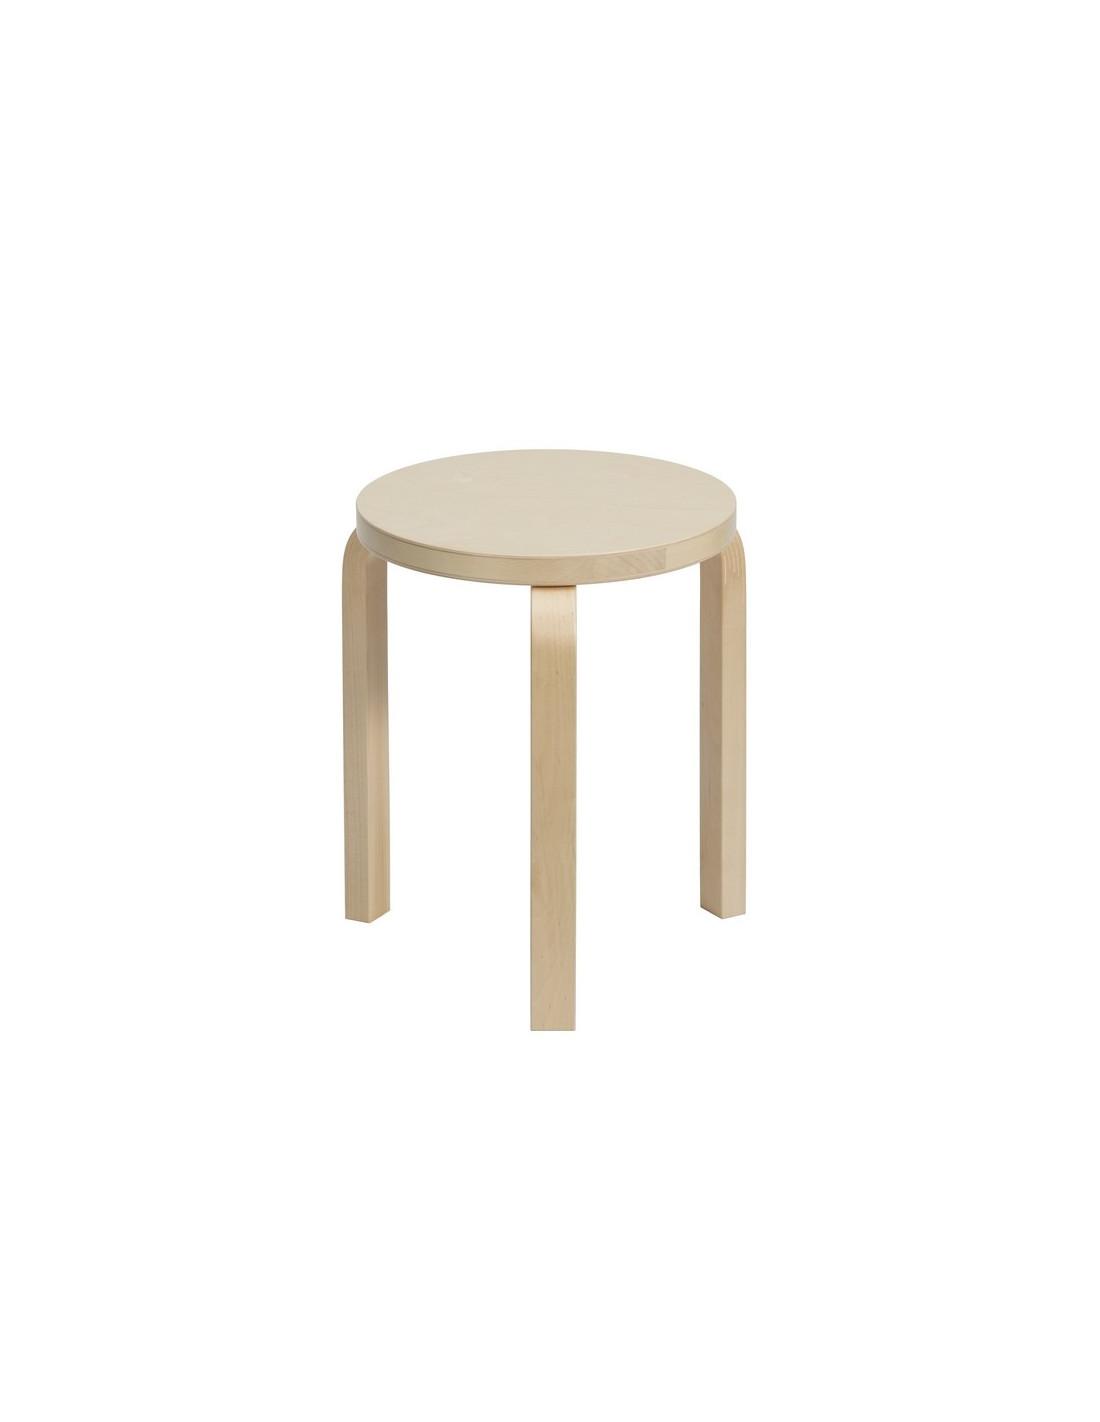 tabouret 60 design alvar aalto pour artek la boutique danoise. Black Bedroom Furniture Sets. Home Design Ideas